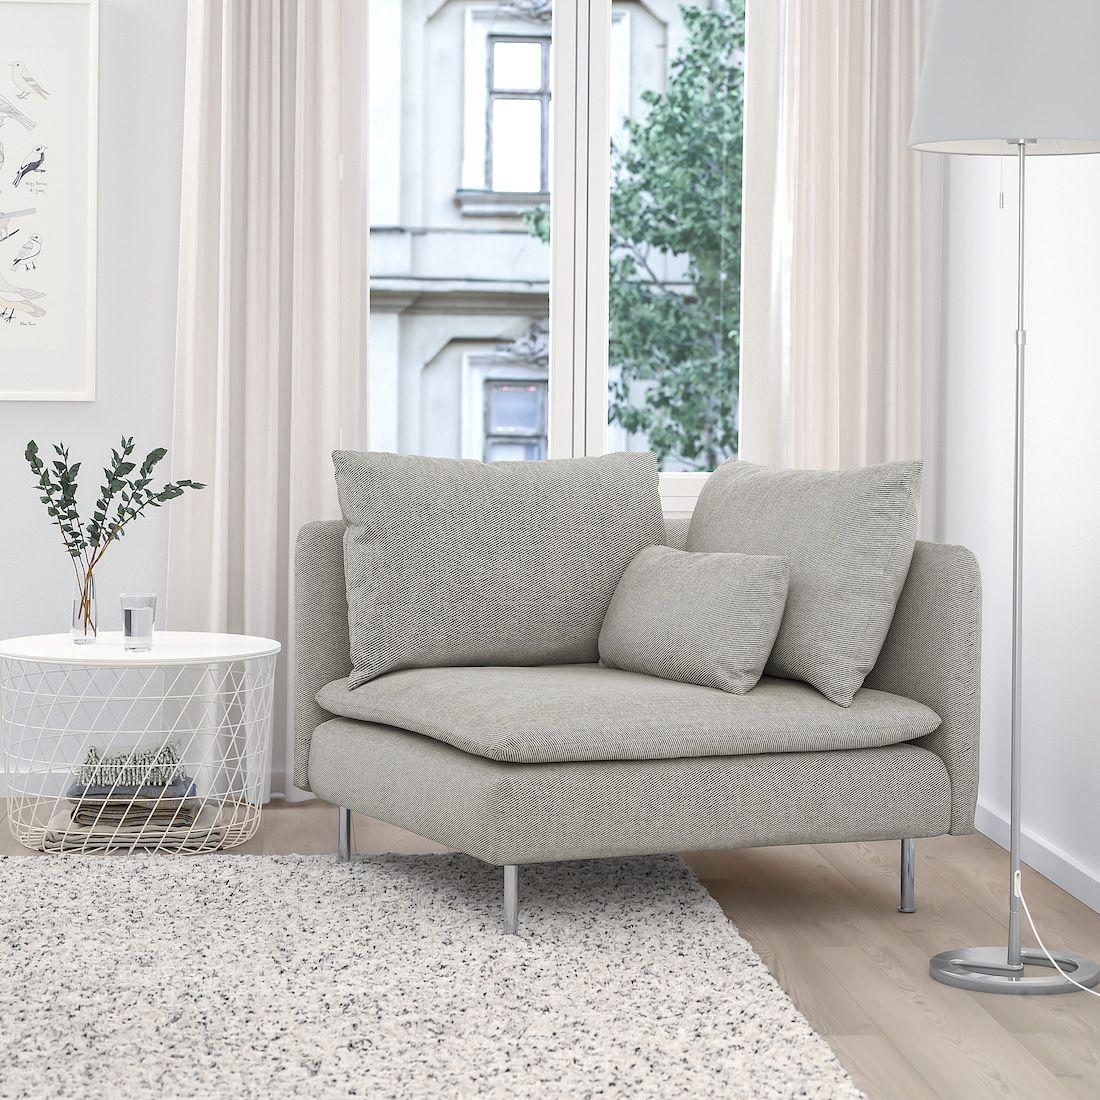 SÖDERHAMN Corner section, Viarp beige/brown - IKEA in 2020 ...